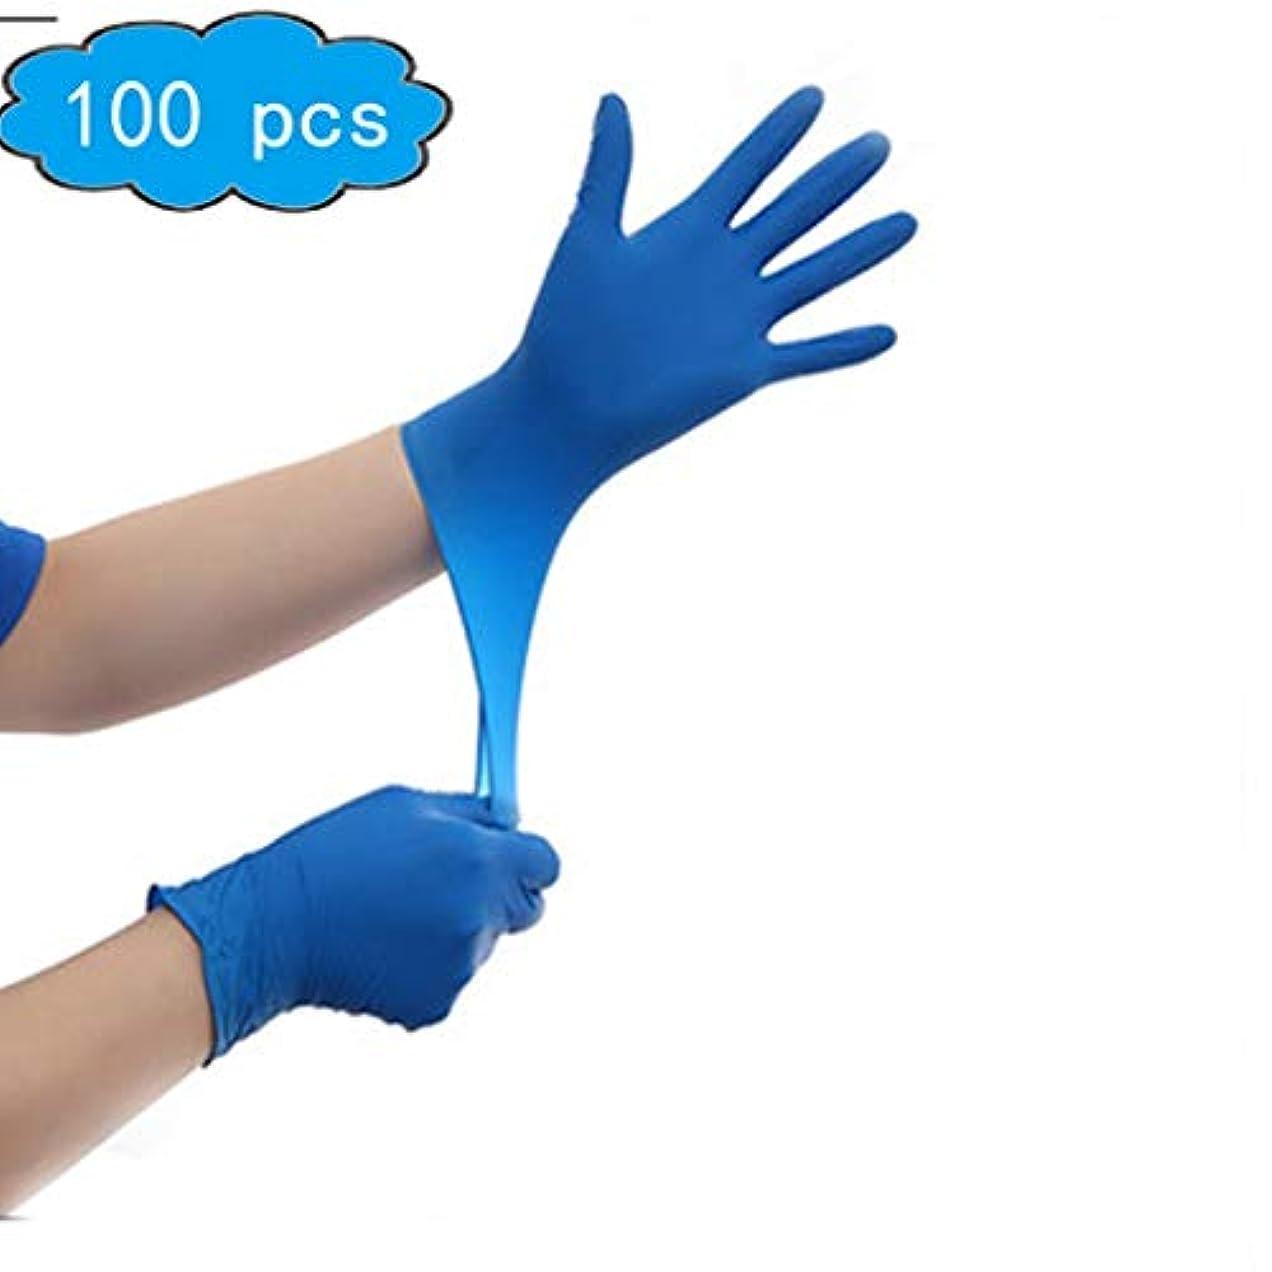 やりがいのある買い物に行く家具使い捨て丁清手袋 - テクスチャード加工、サニタリー手袋、応急処置用品、大型、100箱入り、食品ケータリング家事使い捨て手袋 (Color : Blue, Size : XS)